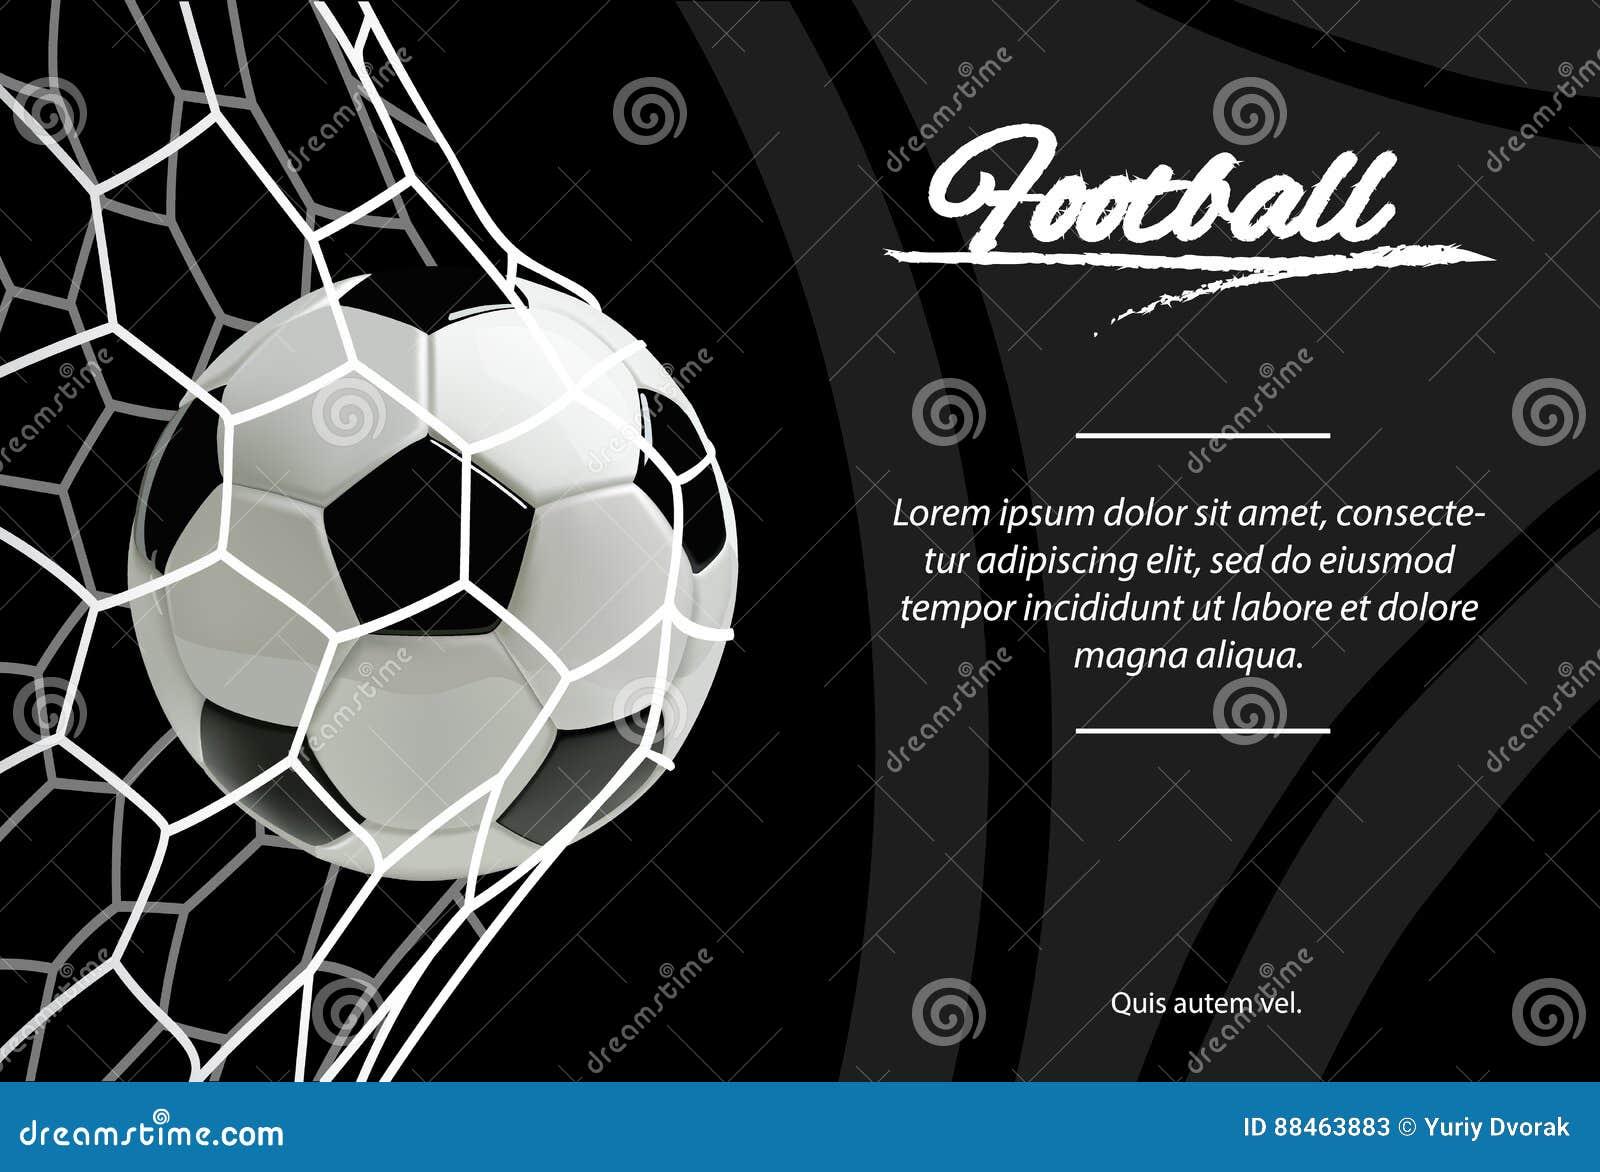 Ρεαλιστική σφαίρα ποδοσφαίρου σε καθαρό στο μαύρο υπόβαθρο Κλασική σφαίρα ποδοσφαίρου